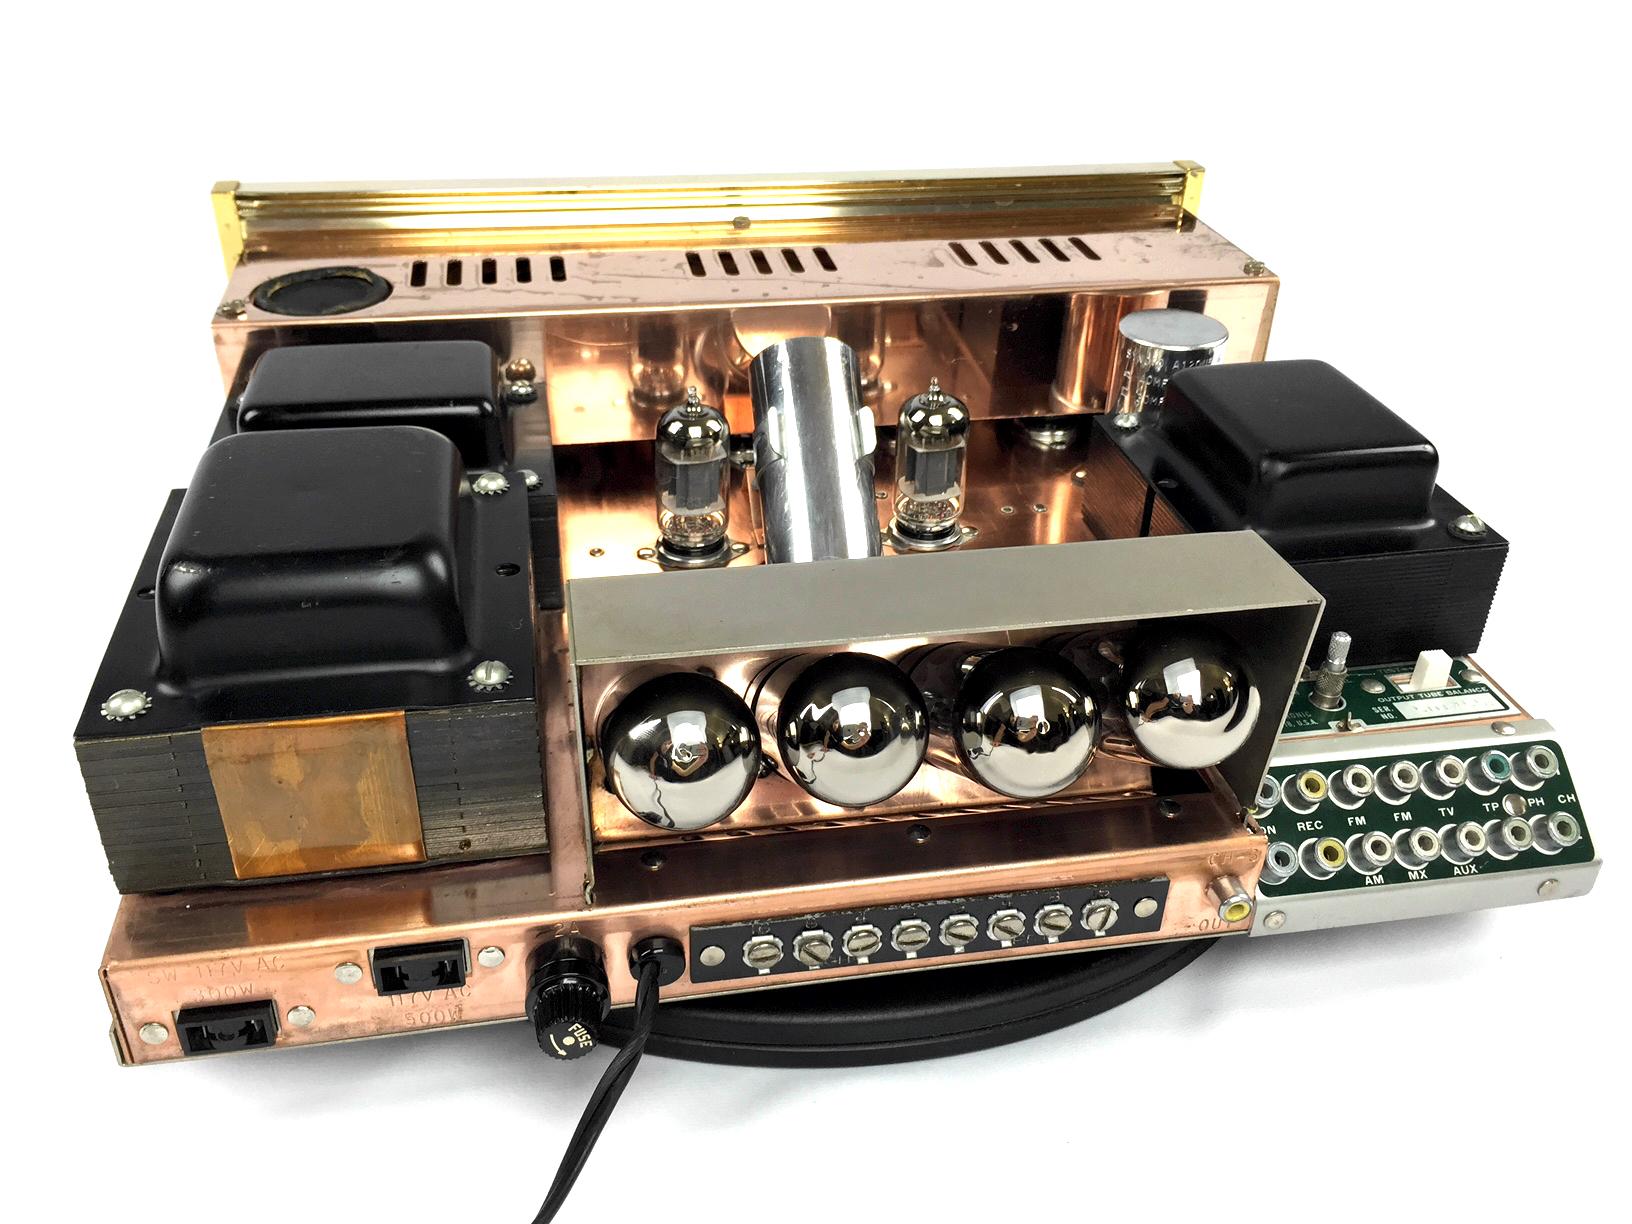 Sherwood S5000 II restored. Fully restored Sherwood 5000 tube amplifier